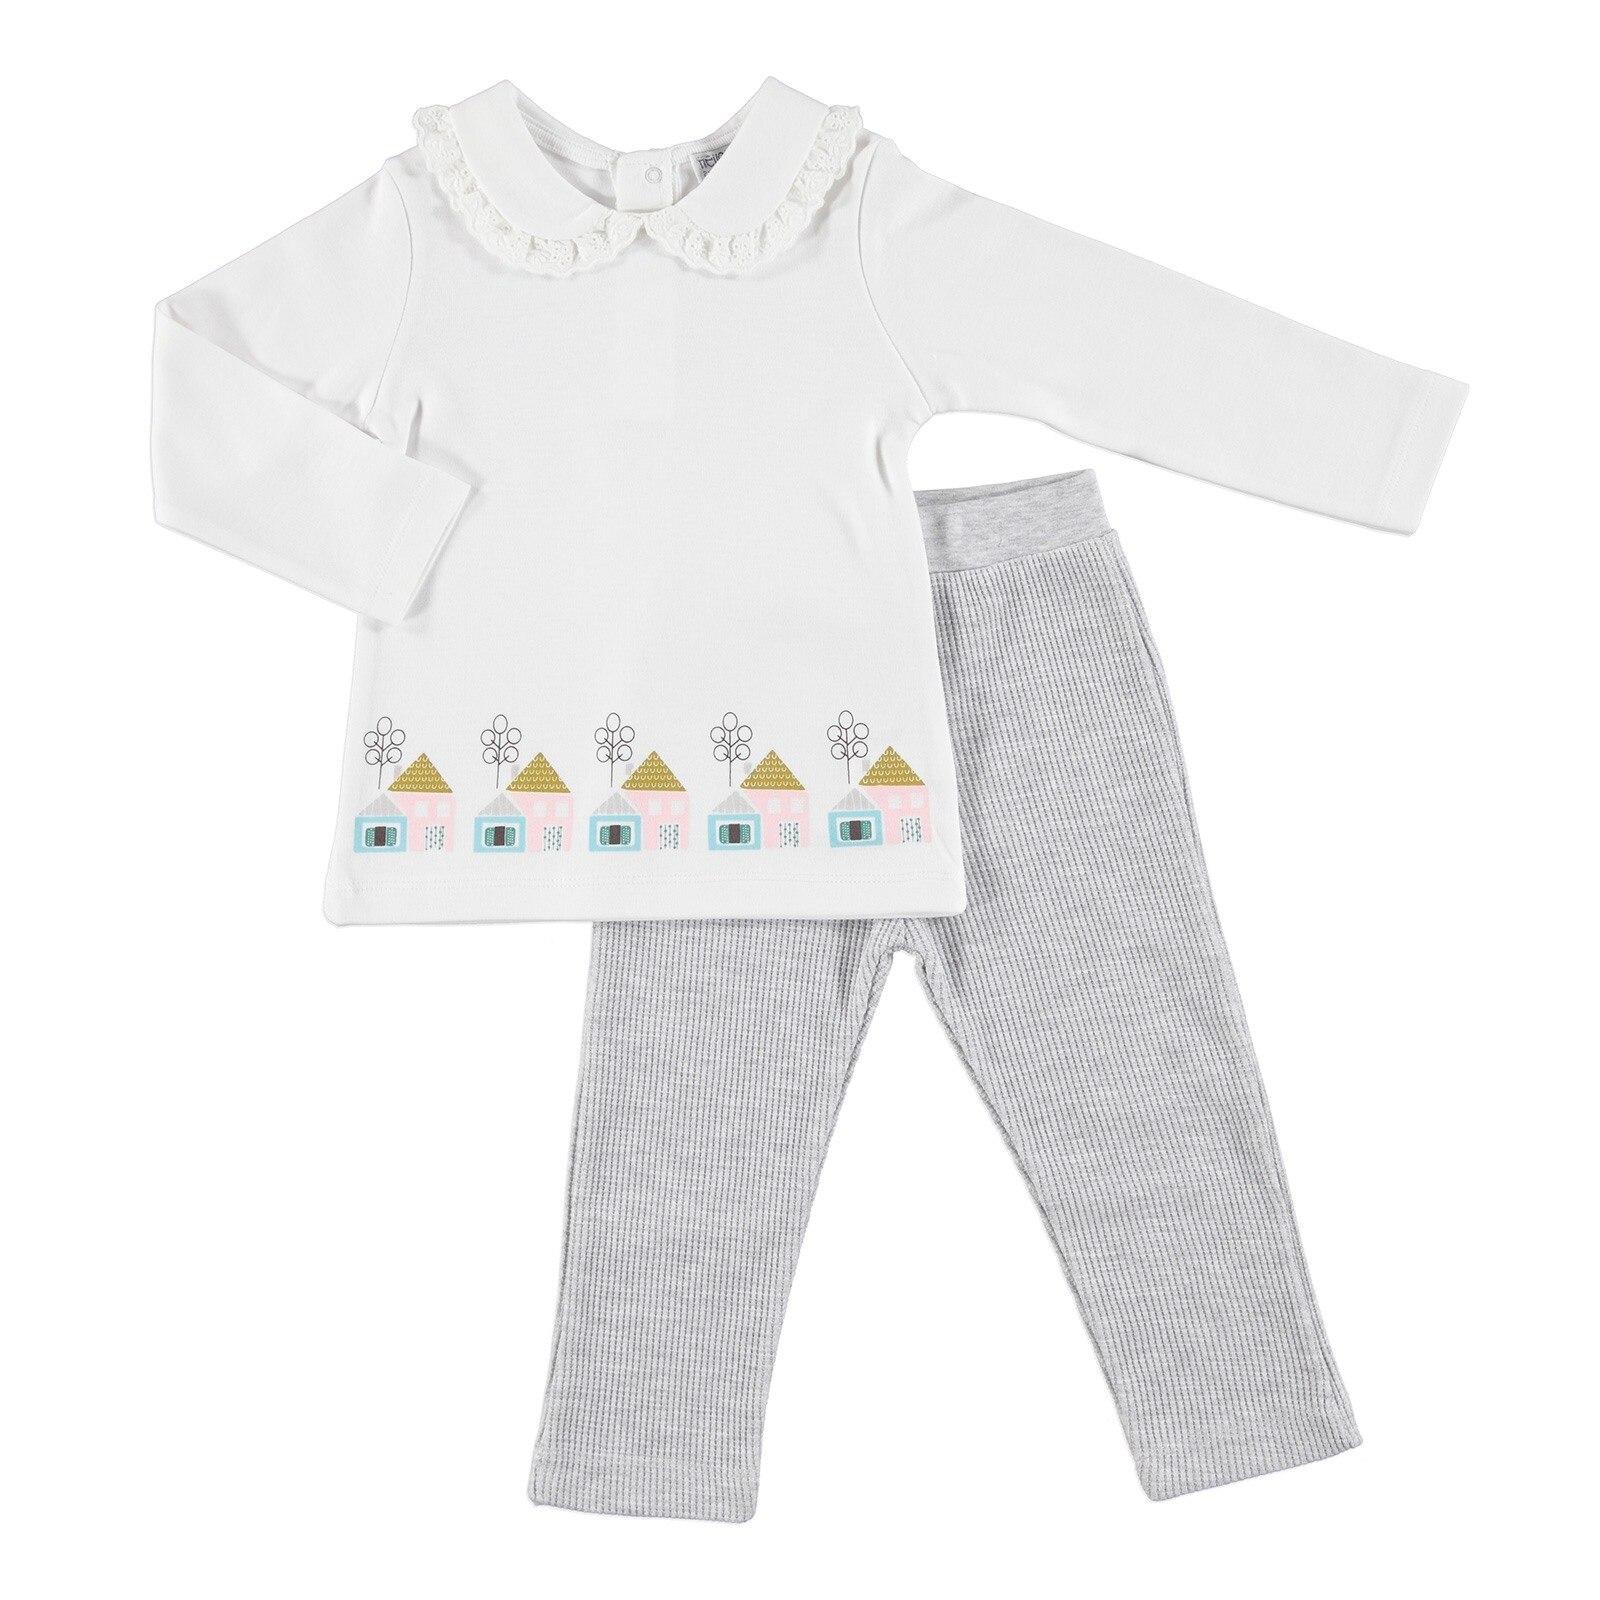 Ebebek HelloBaby Sweet House Baby Sweatshirt Trouser Set